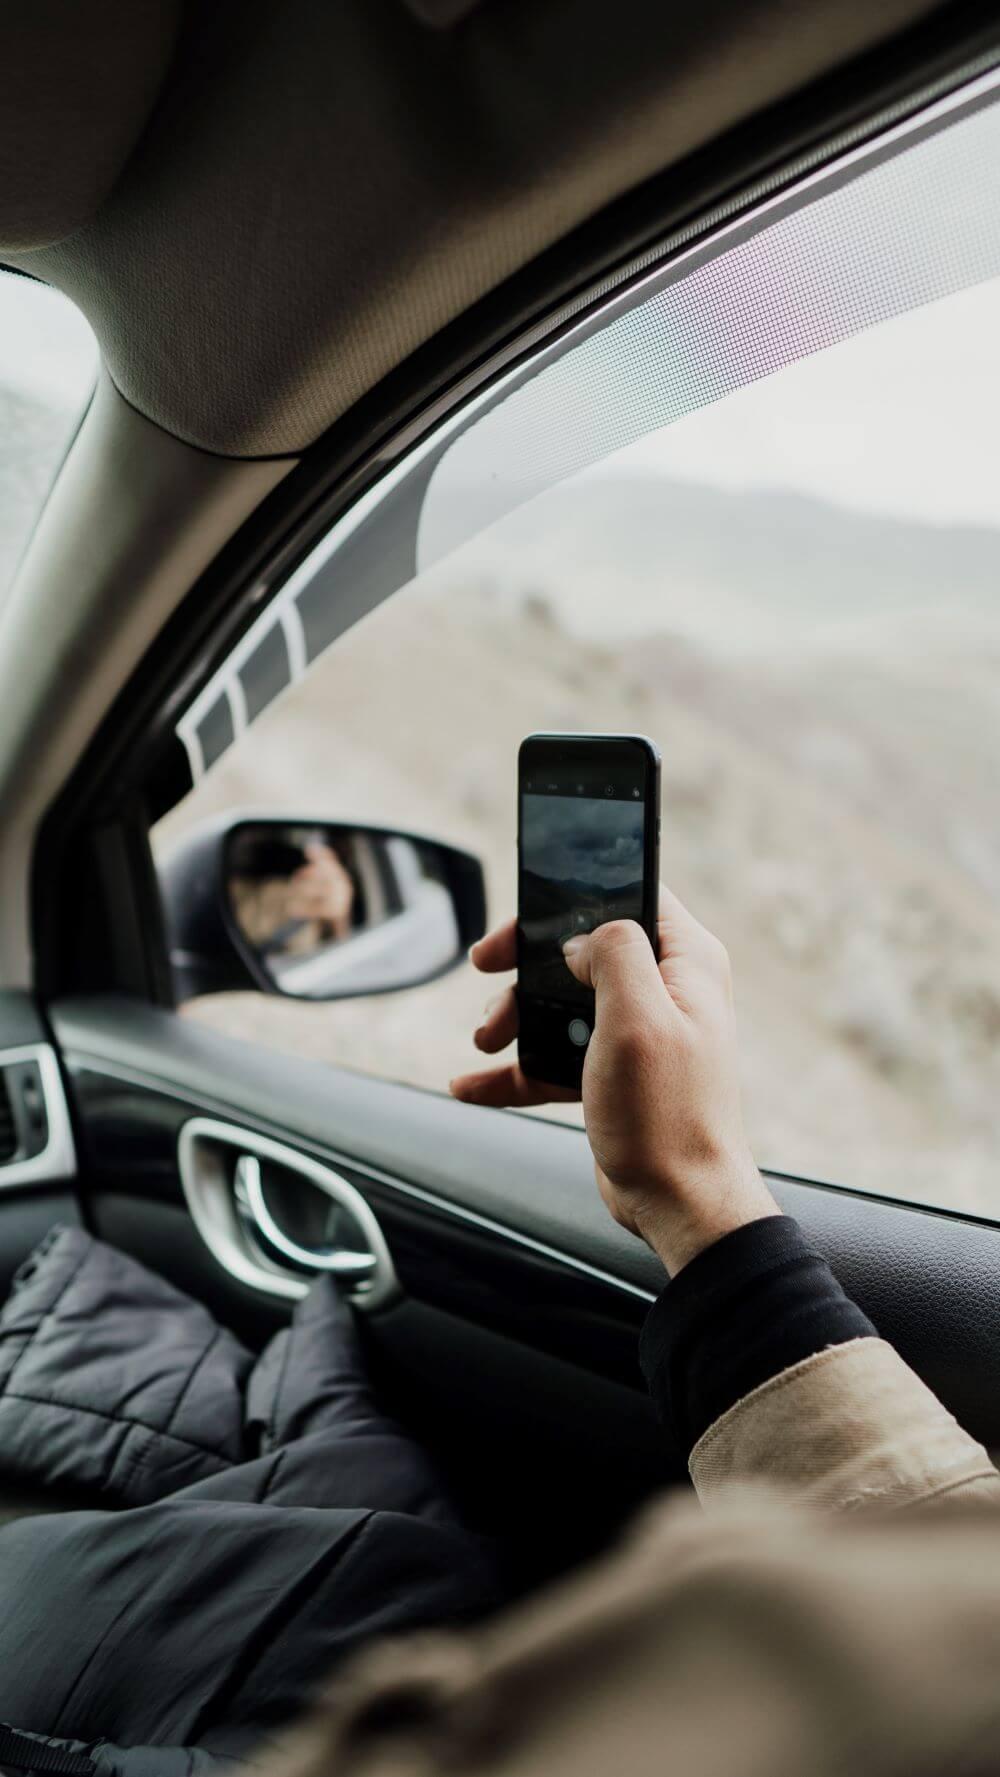 driving tips for beginner - avoid distraction